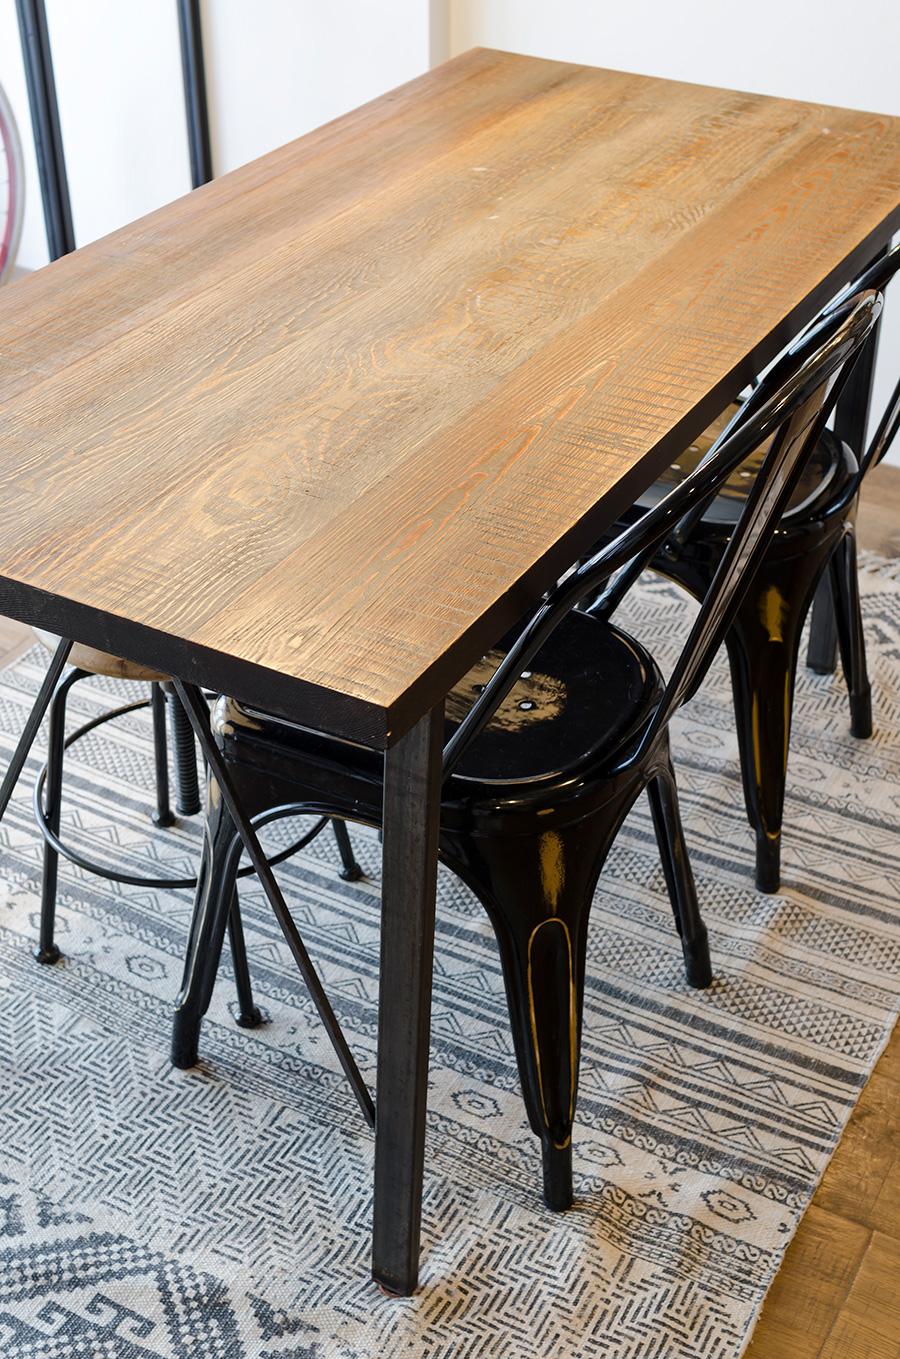 キッチンの前には「journal standard Furniture」のダイニングテーブル。